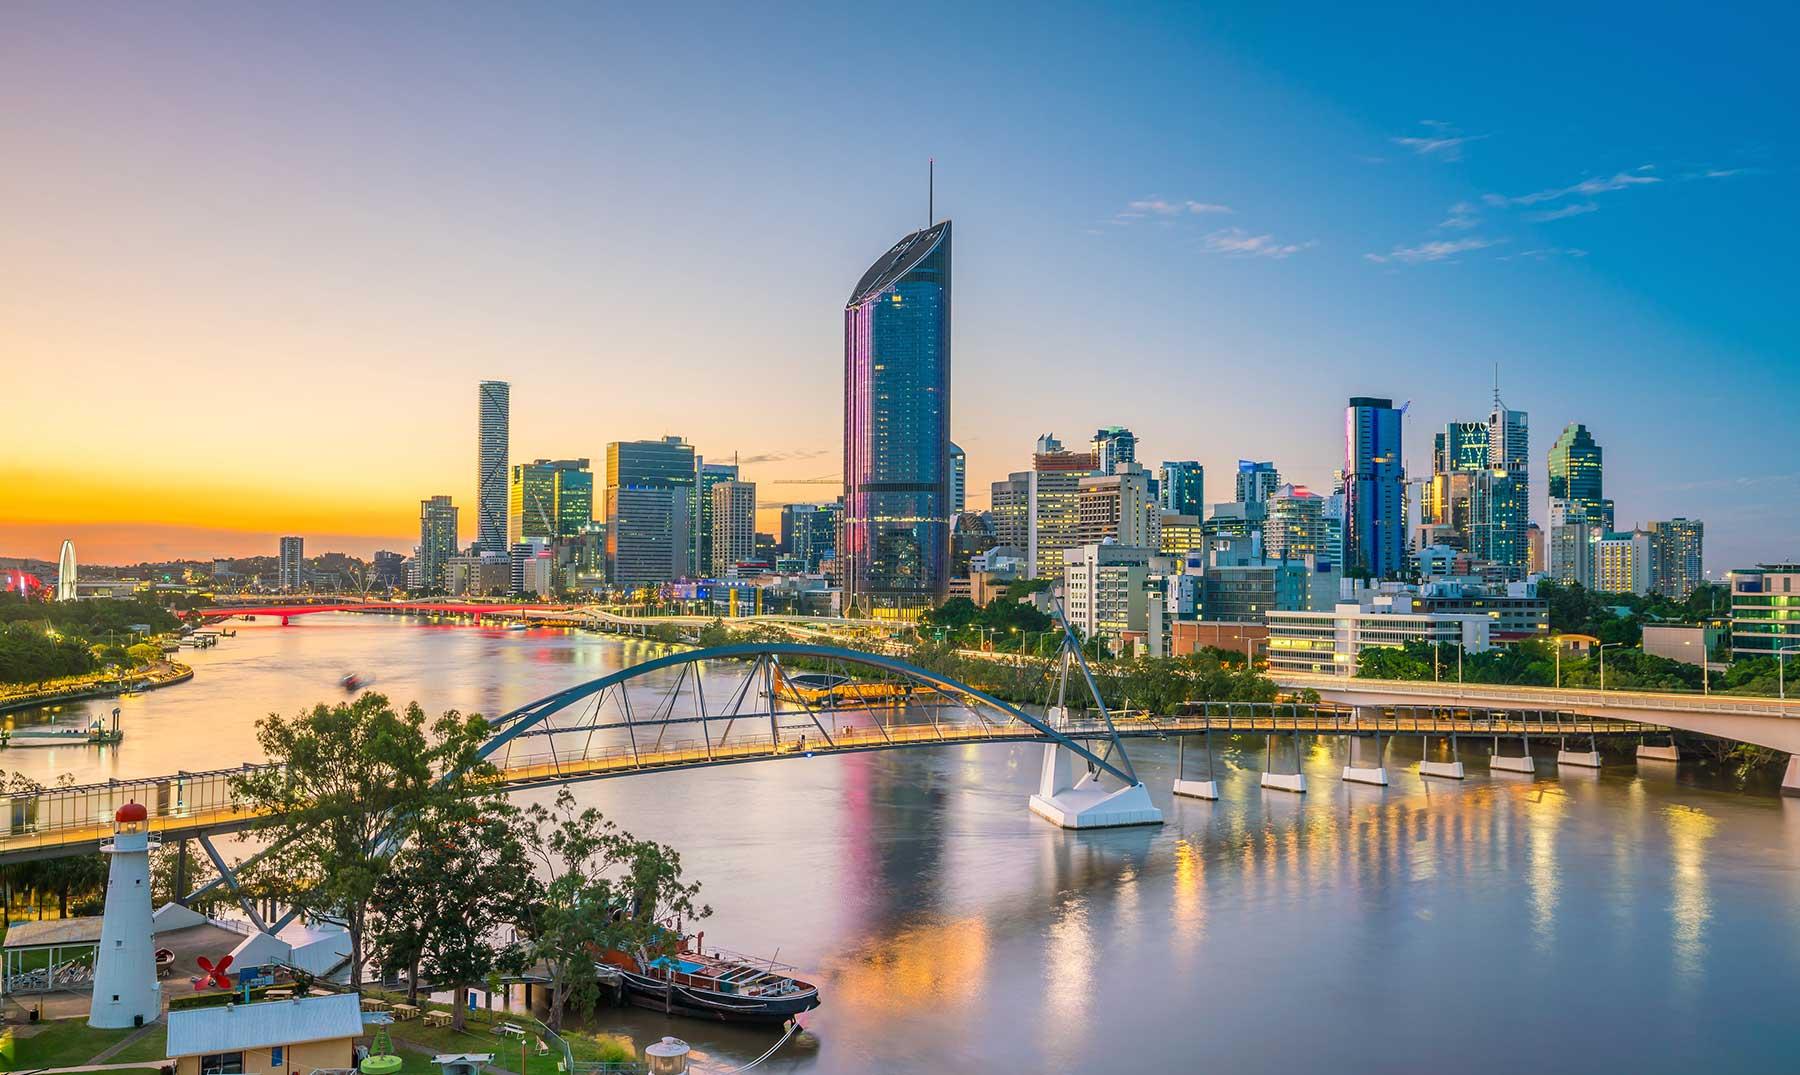 Que ver en Brisbane | 10 lugares imprescindibles [Con imágenes]